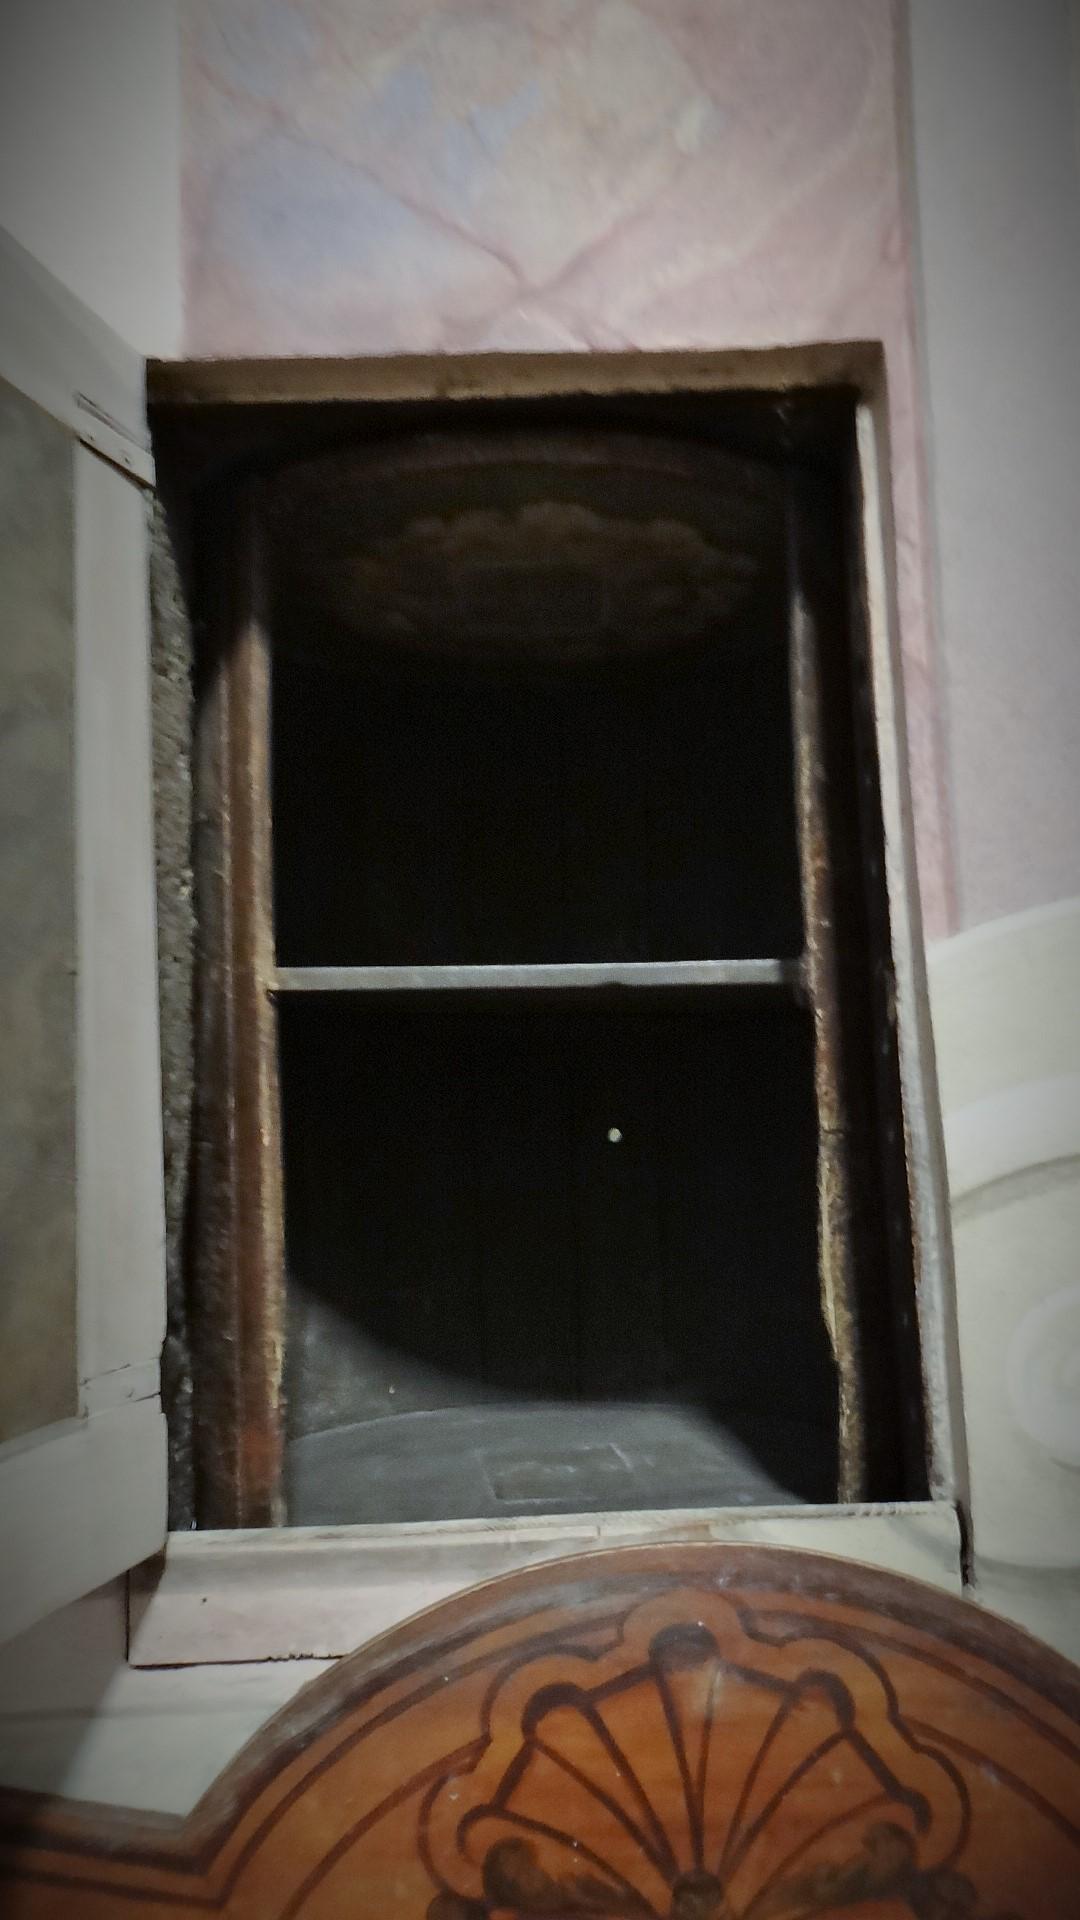 Lo stesso vano nel muro,dopo che il bussolotto è stato fatto girare verso la chiesa, da uno spazio riservato al quale avevano accesso le monache. Un piccolo spioncino tondo consentiva alle monache di vedere chi stava all'esterno. Potevano così caricare generi di prima necessità o abiti, che venivano ritirati dai poveri, quando il bussolotto, fatto girare presentava la parte cava in direzione della chiesa. La ruota poteva essere utilizzata per consegnare neonati alle cure della monache perché la parte cava poteva essere girata verso la chiesa, con una semplice rotazione impressa dalle mani. E lo spazio interno risulta abbastanza ampio